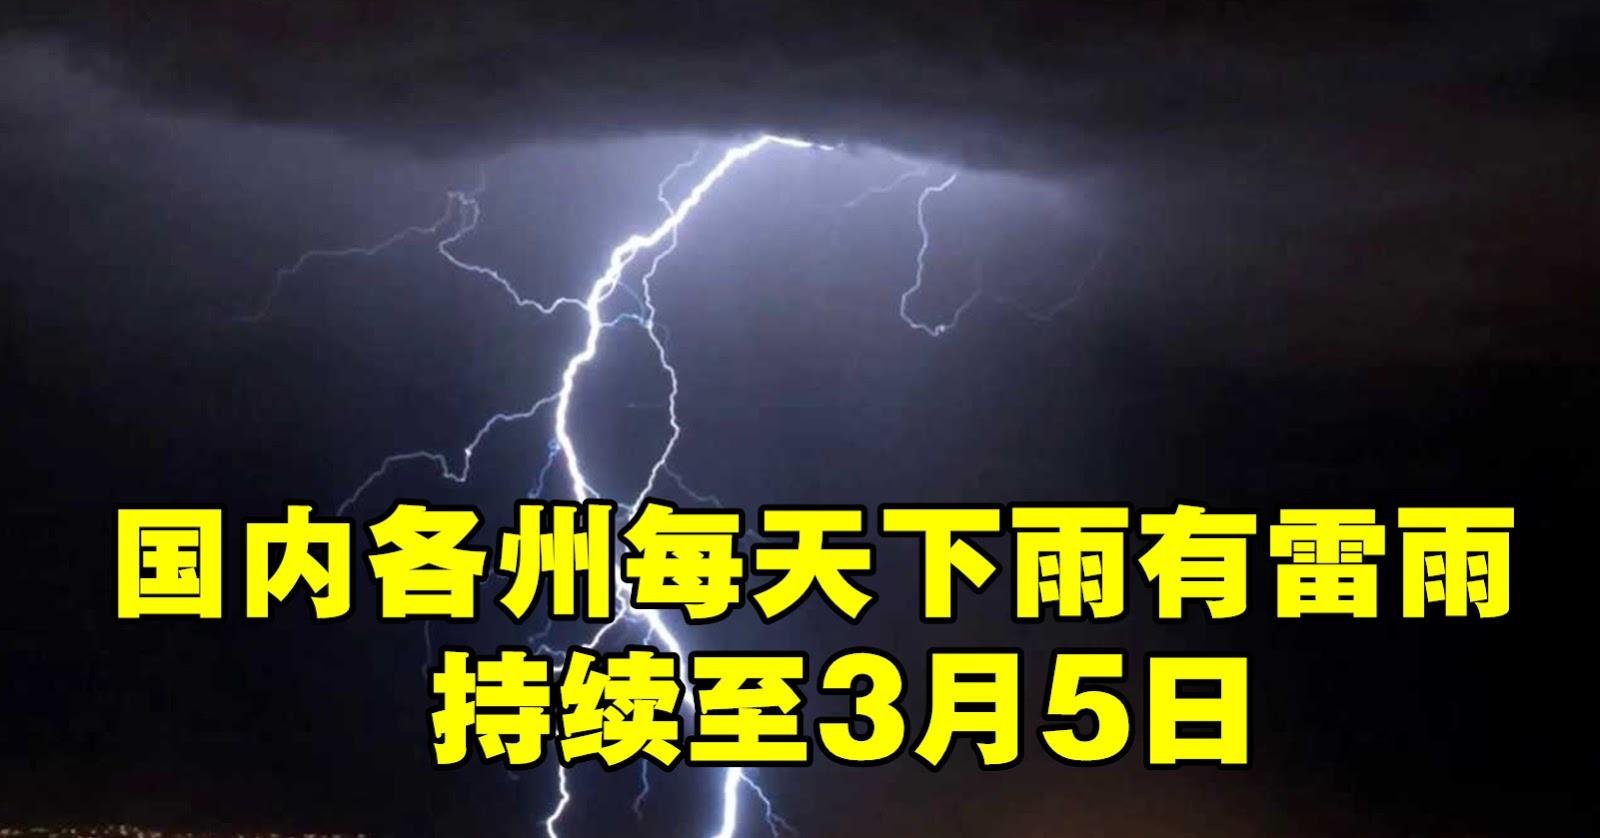 国内各州每天下午有雷雨,持续至3月5日